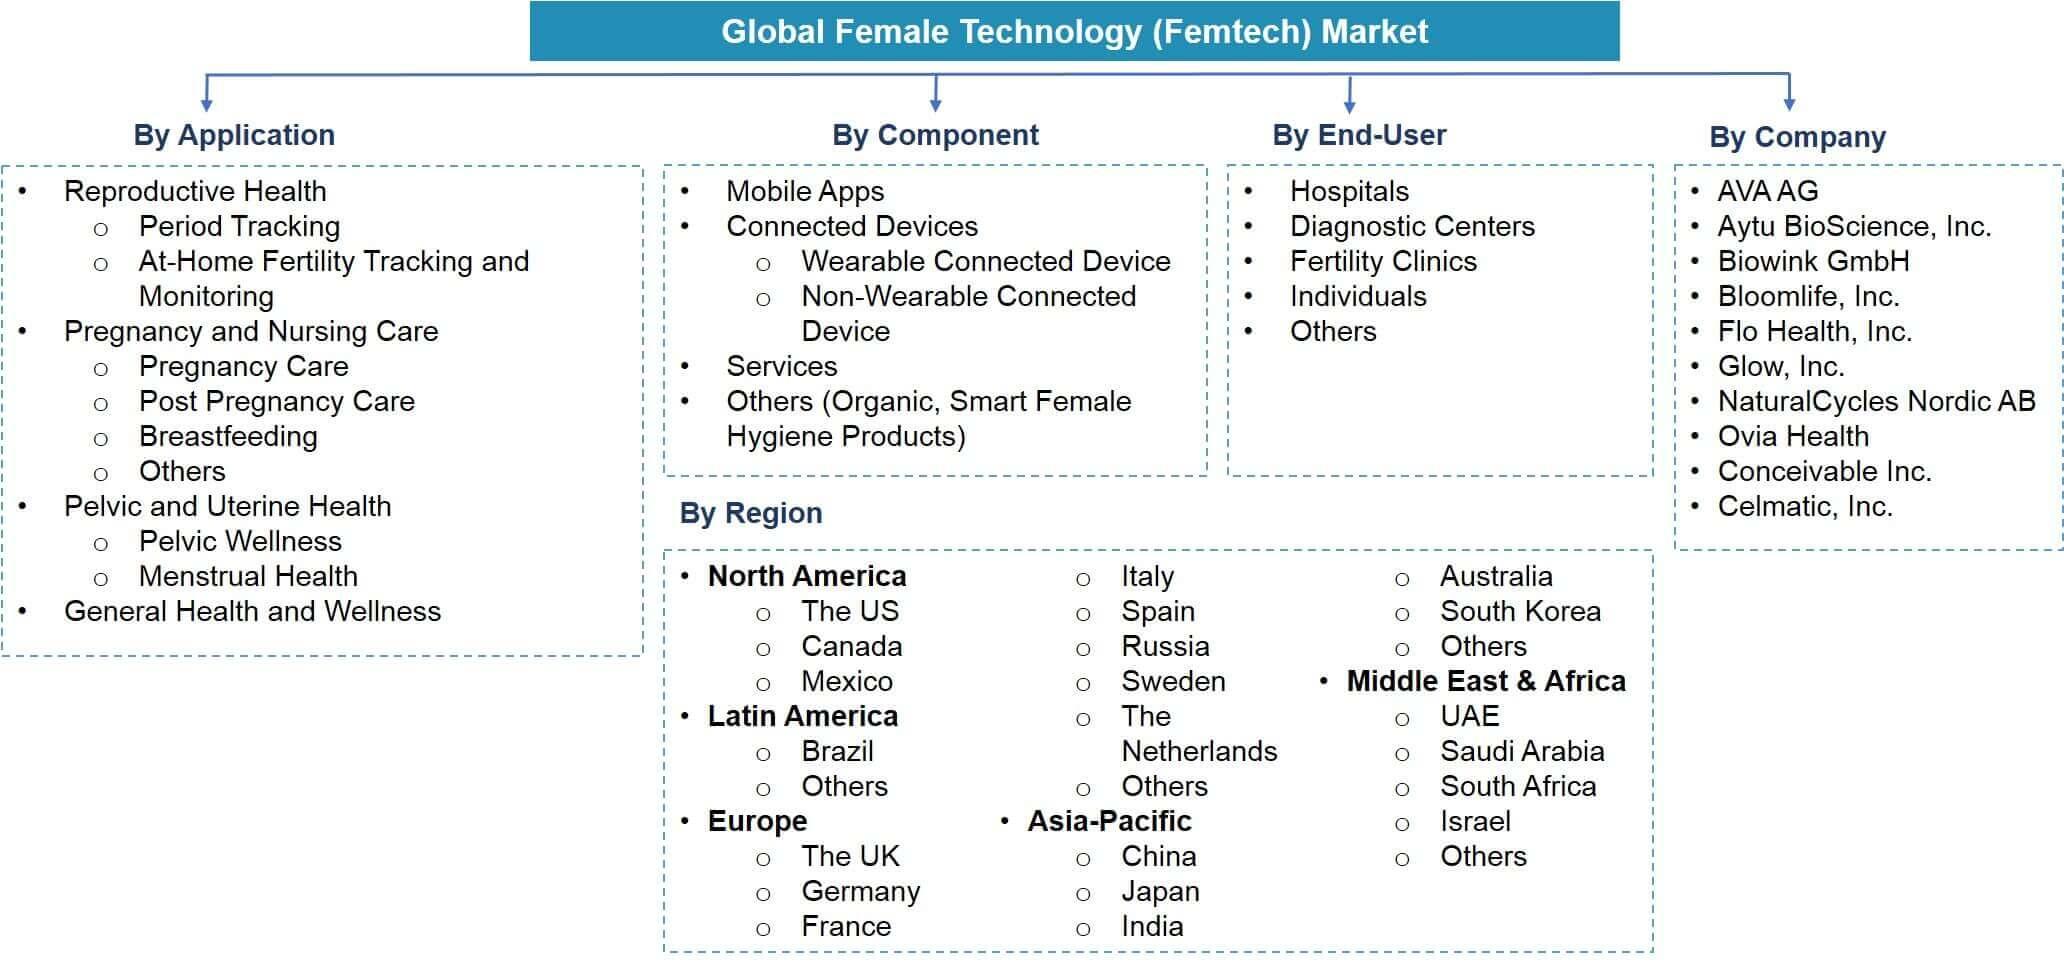 Global Female Technology (Femtech) Market Segmentation